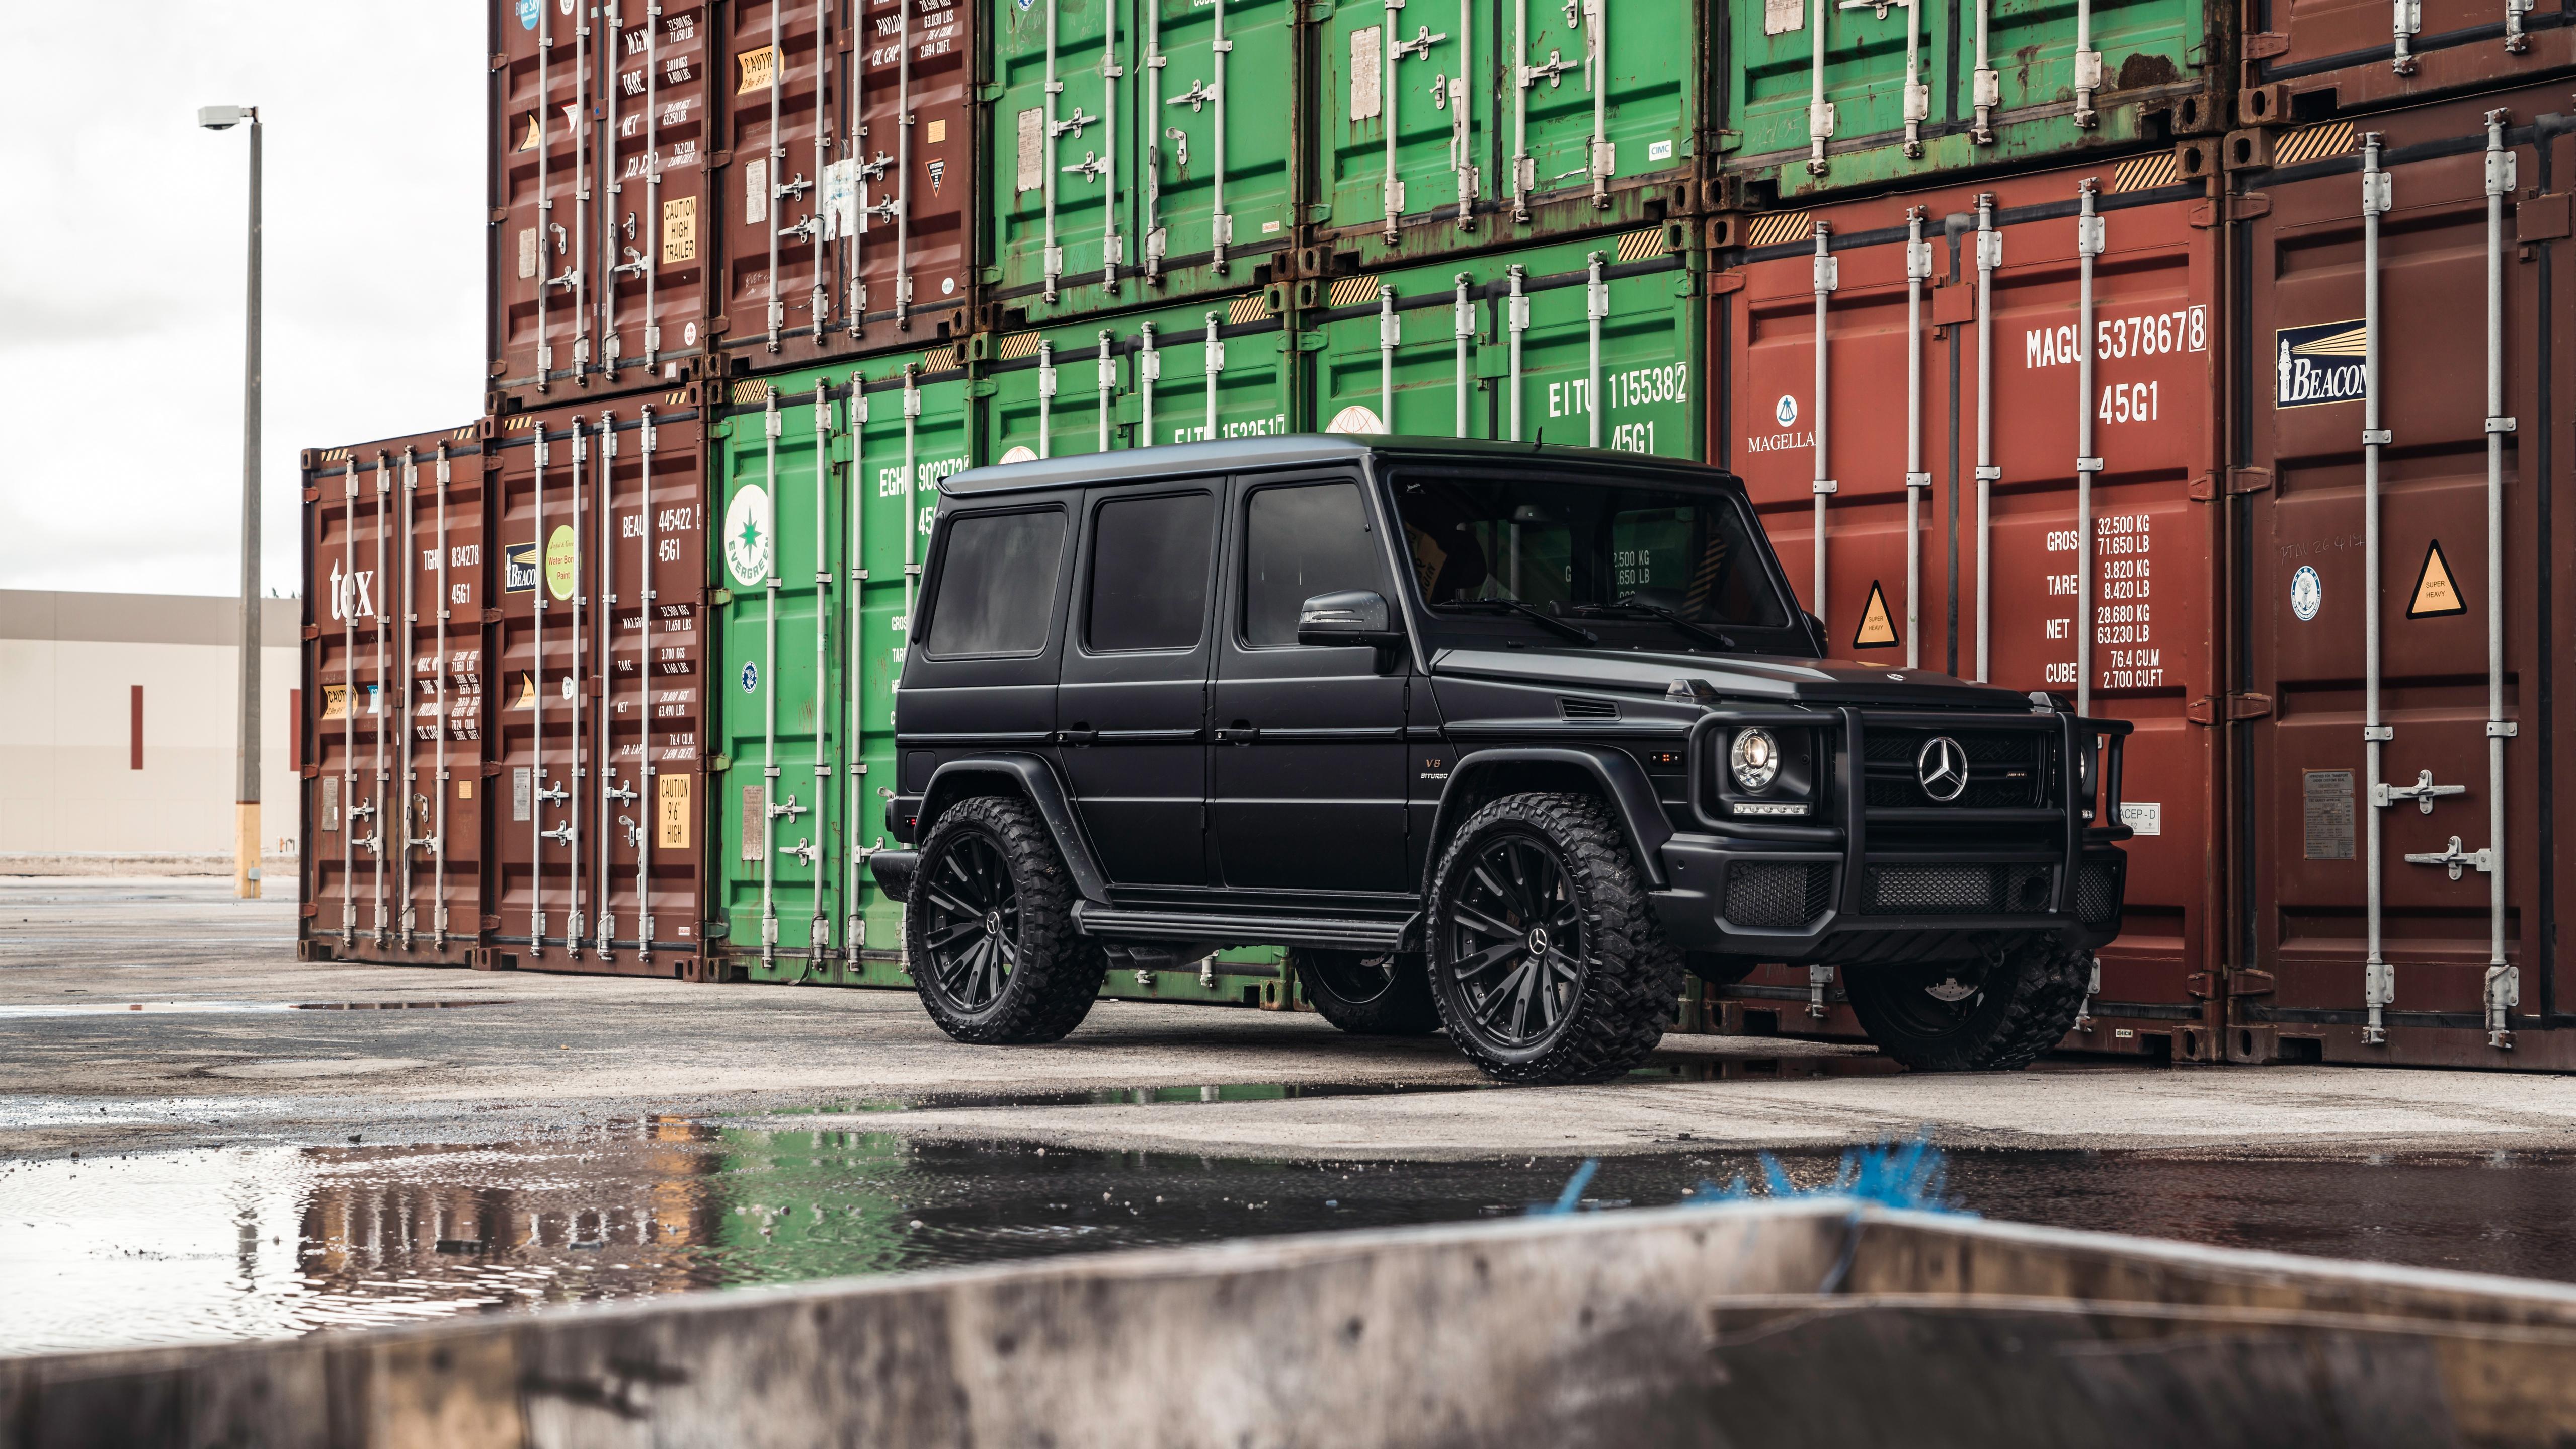 Mercedes AMG G Class G Wagen 5K Wallpaper | HD Car ...